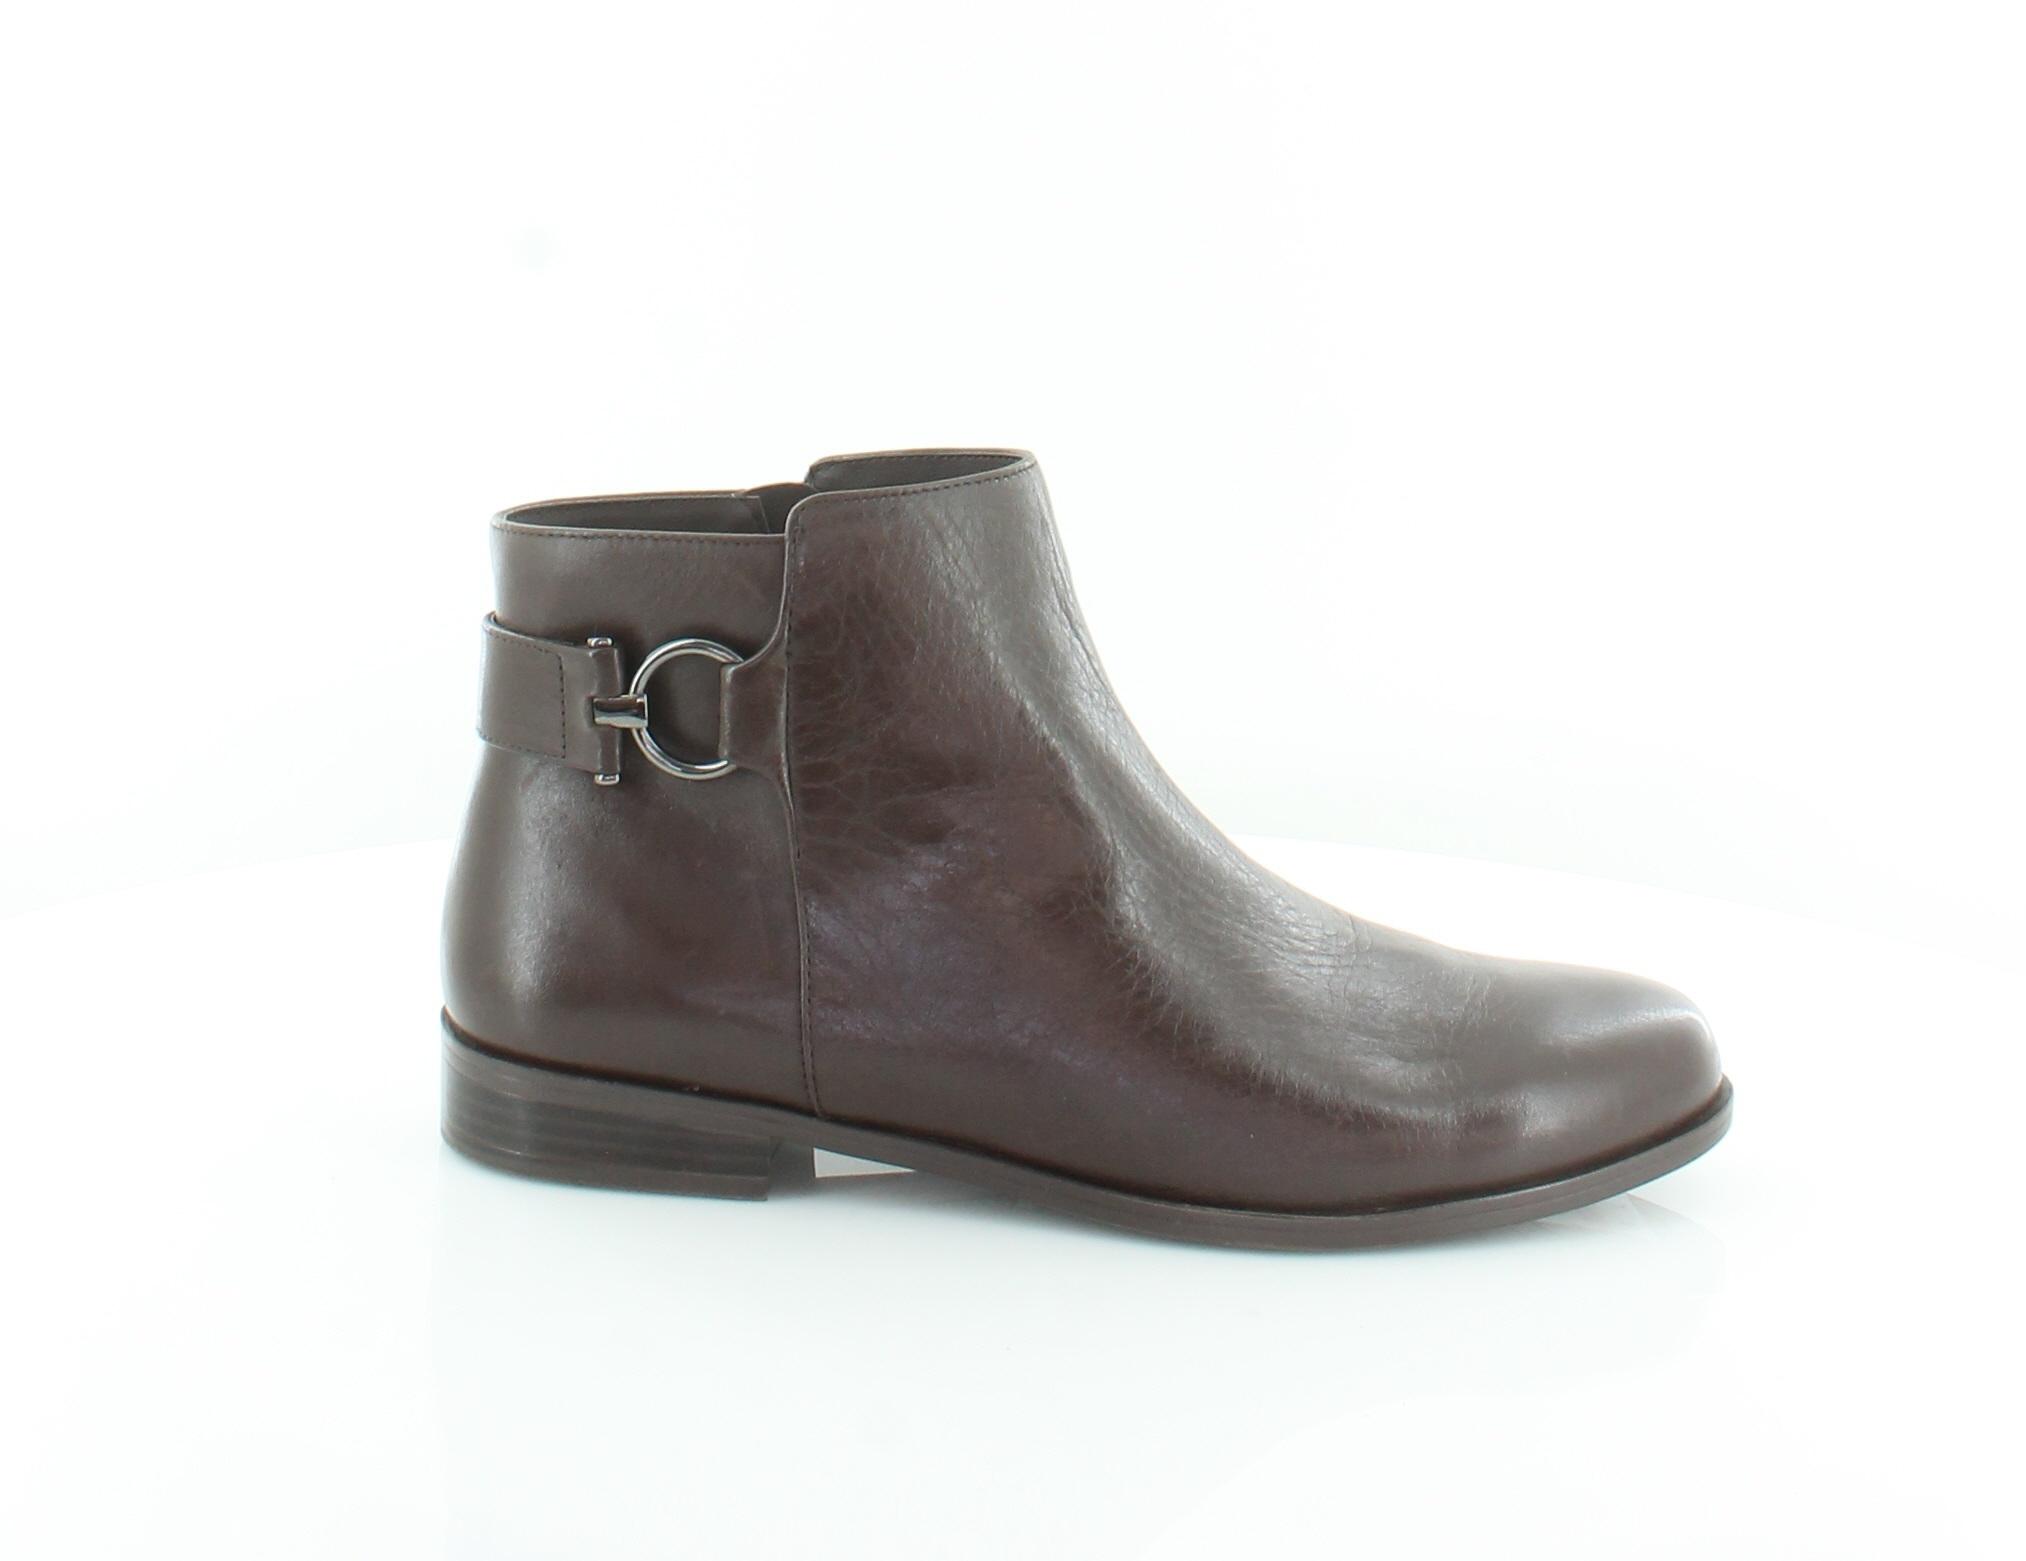 Alfani Ayaa Marrón Zapatos para mujer M botas precio minorista sugerido por el fabricante